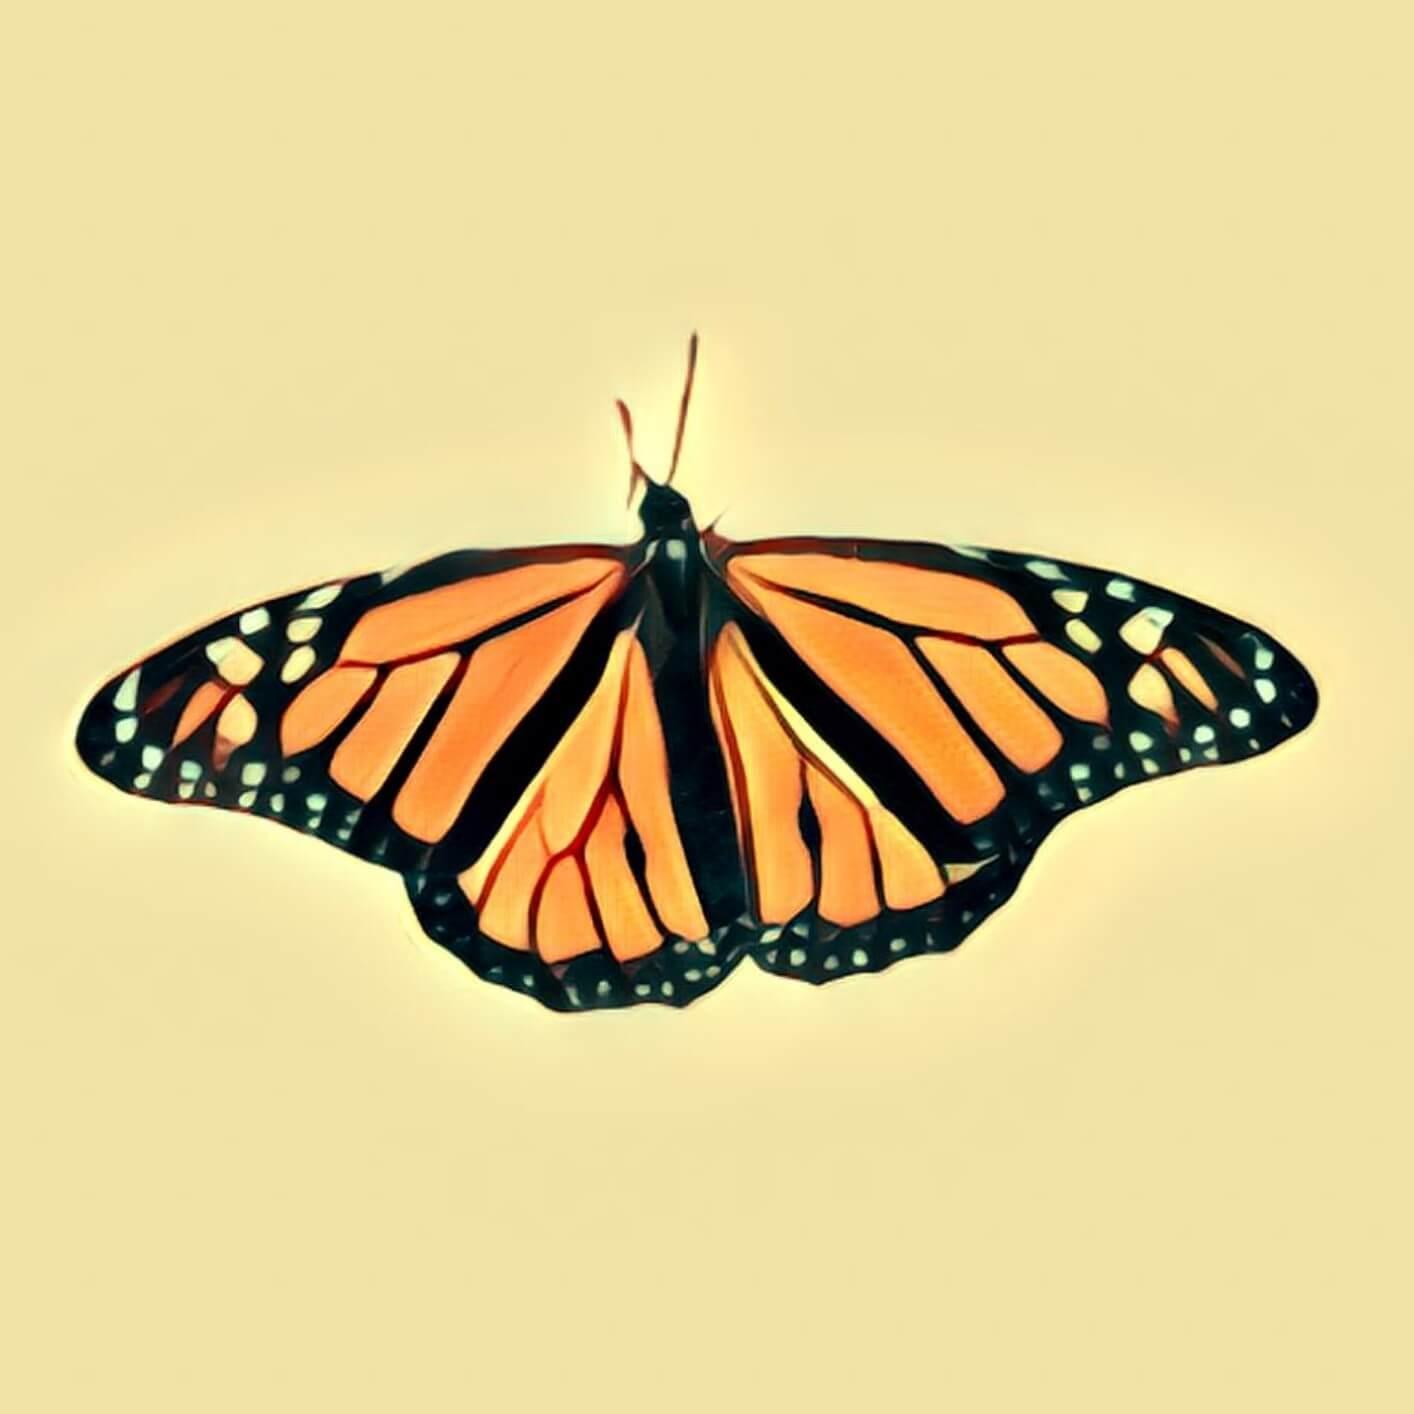 Bedeutet schmetterling was 🦋 Schmetterling